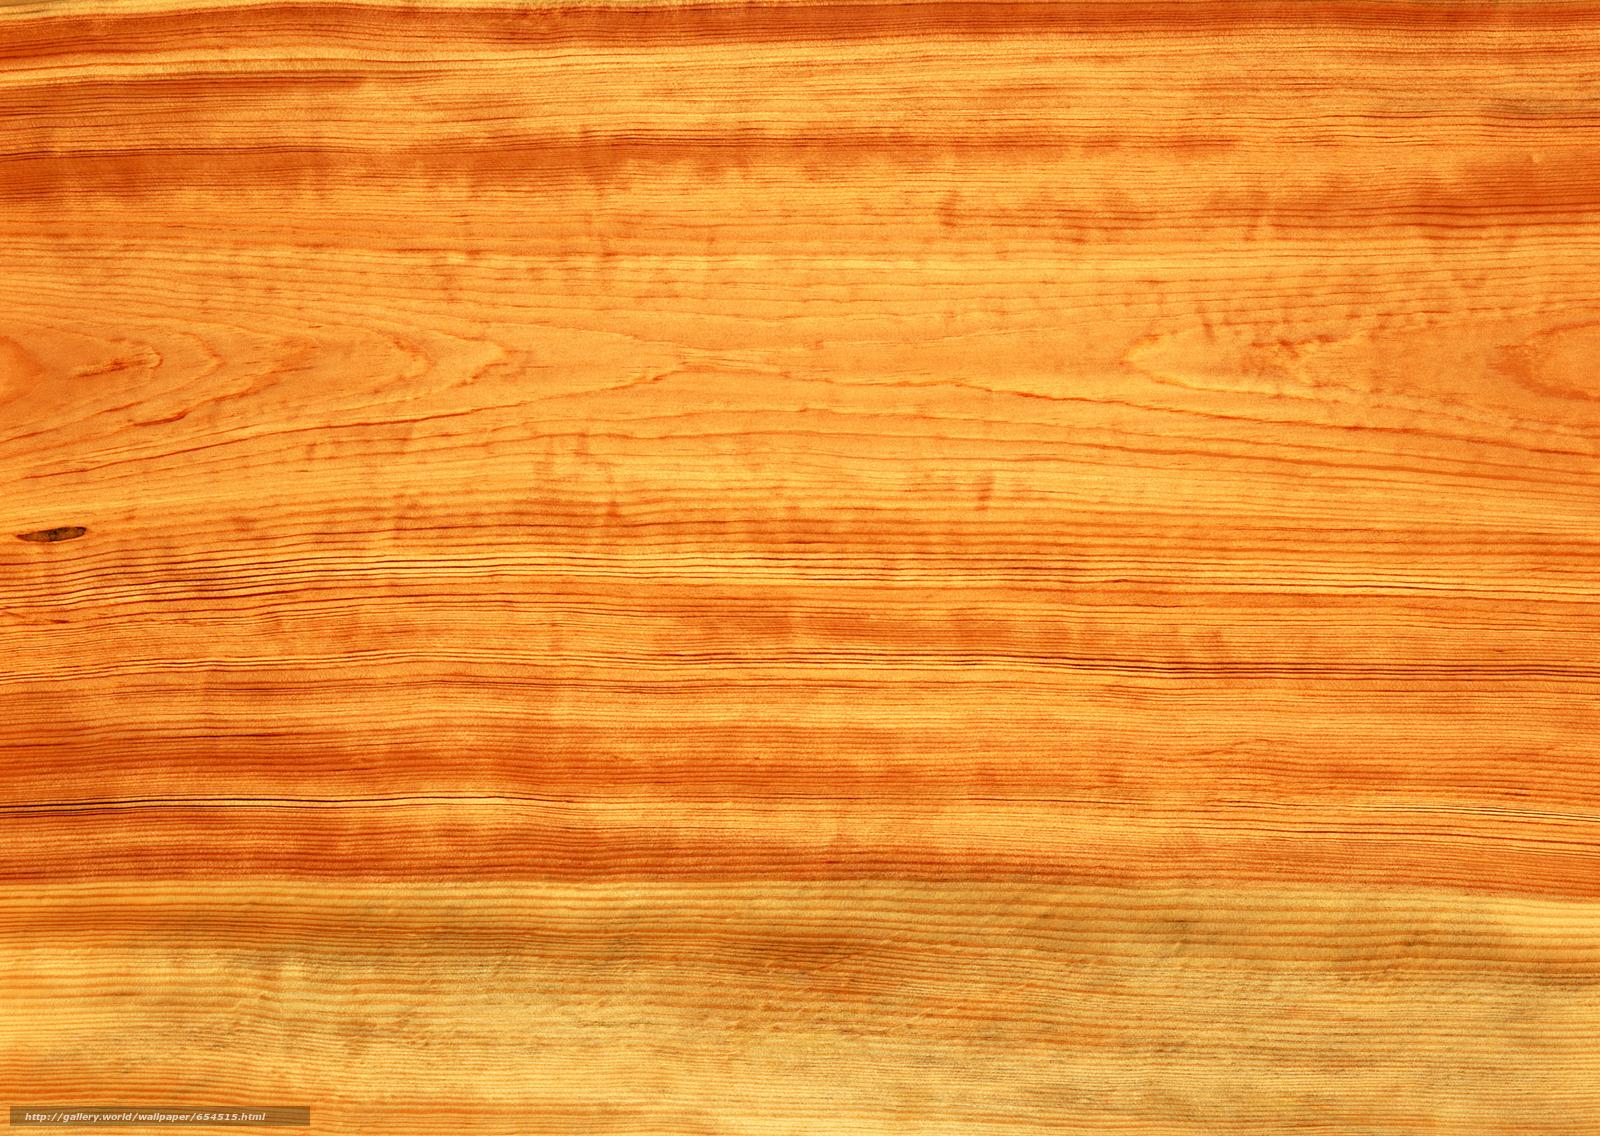 pobra tapety TEXTURE,  Tekstura,  drzewo,  tło Darmowe tapety na pulpit rozdzielczoci 2950x2094 — zdjcie №654515